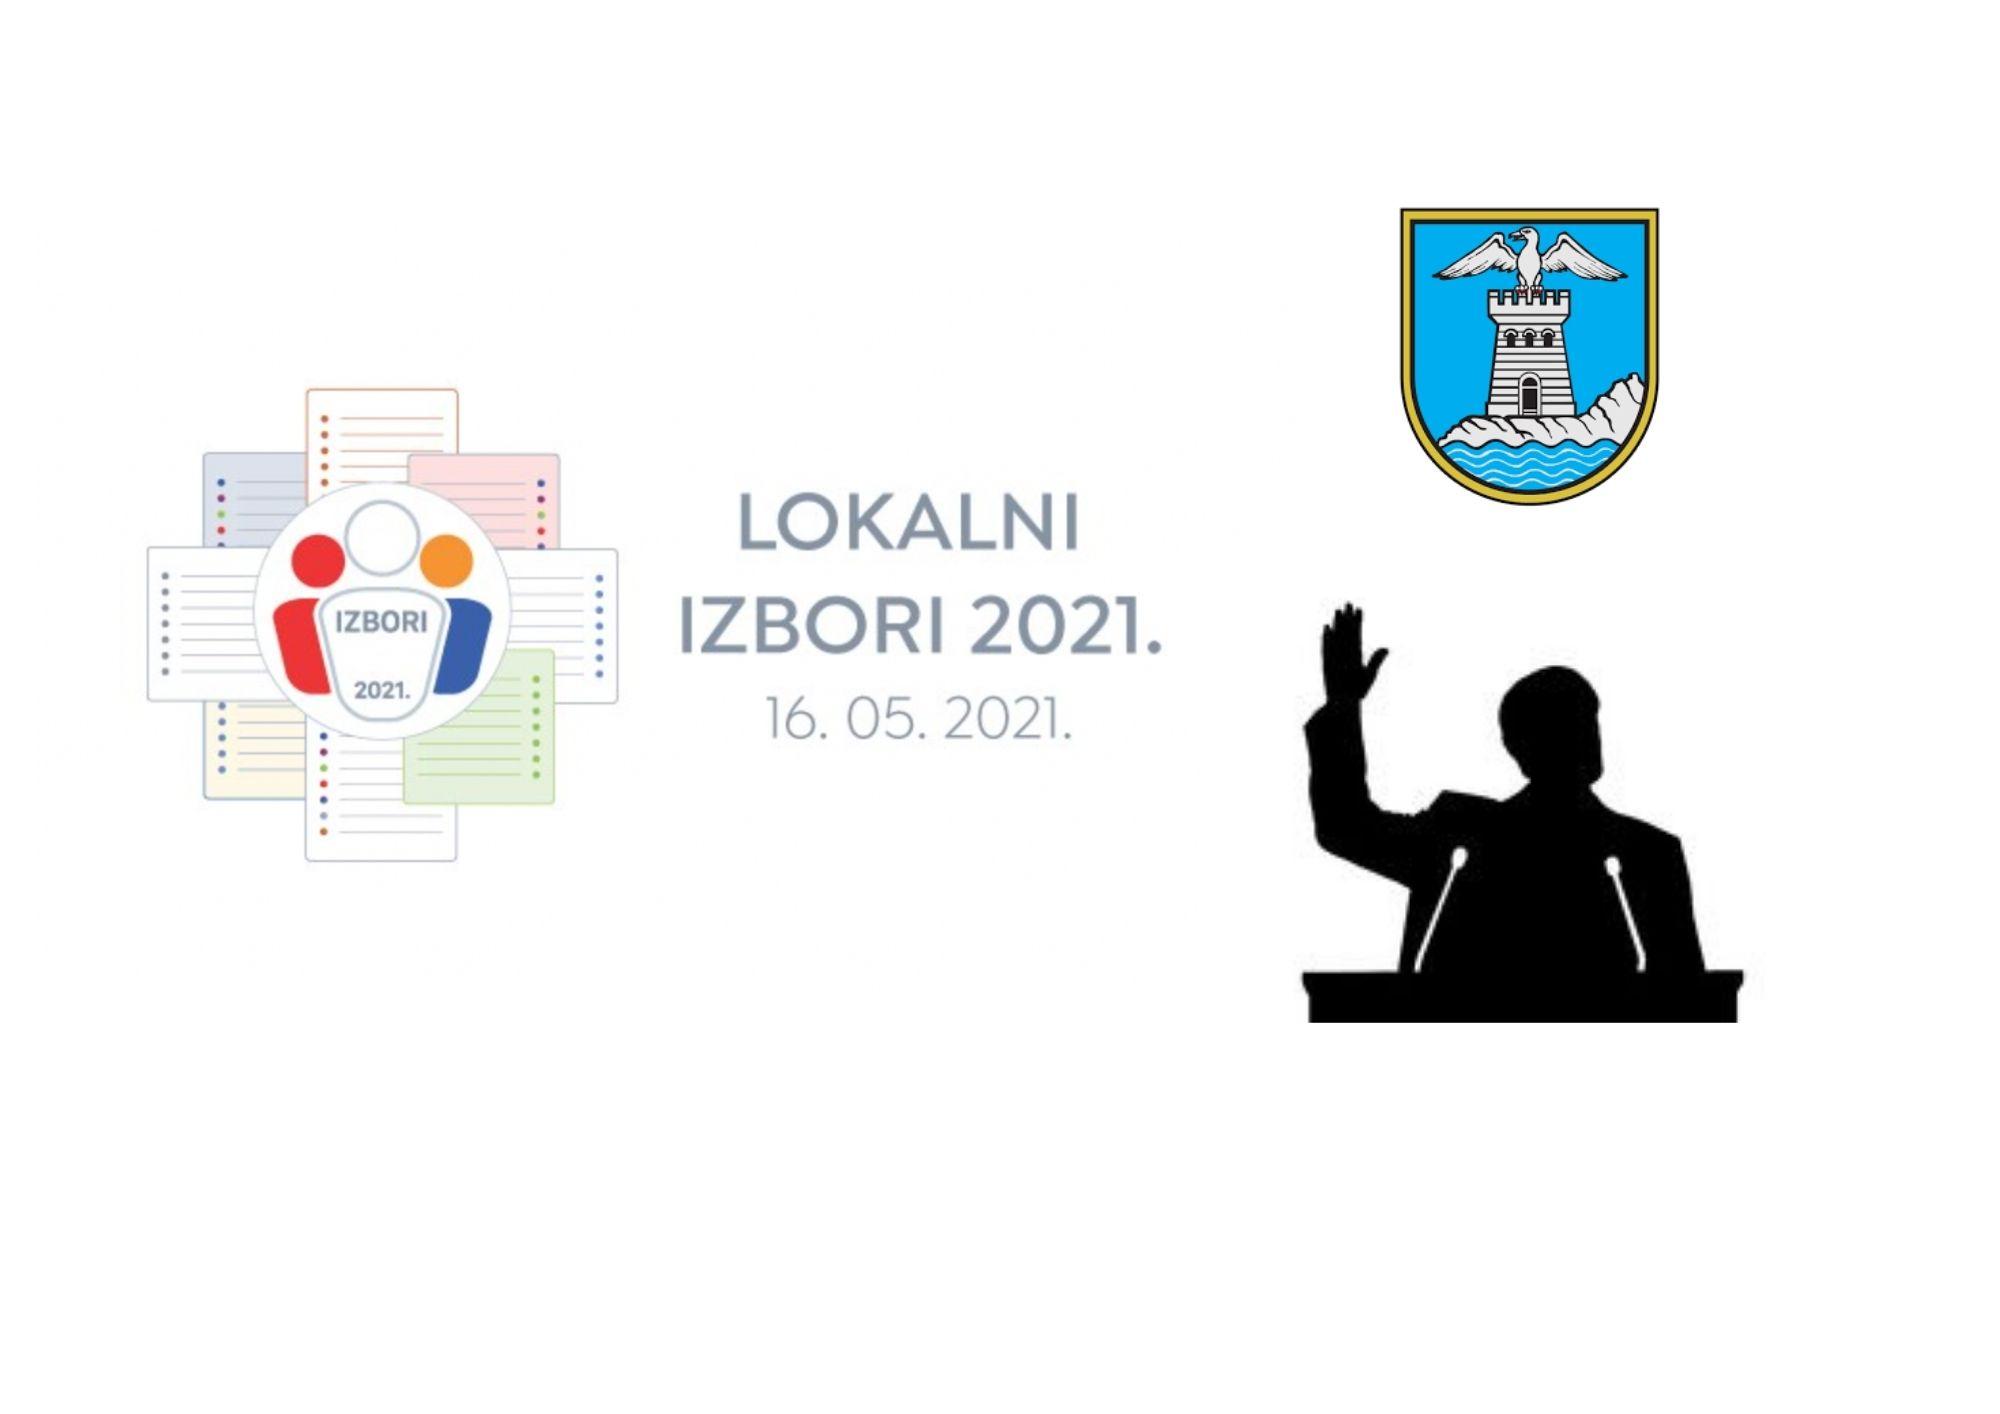 Lokalni izbori 2021. – Tko će voditi Grad Opatiju sljedeće 4 godine?